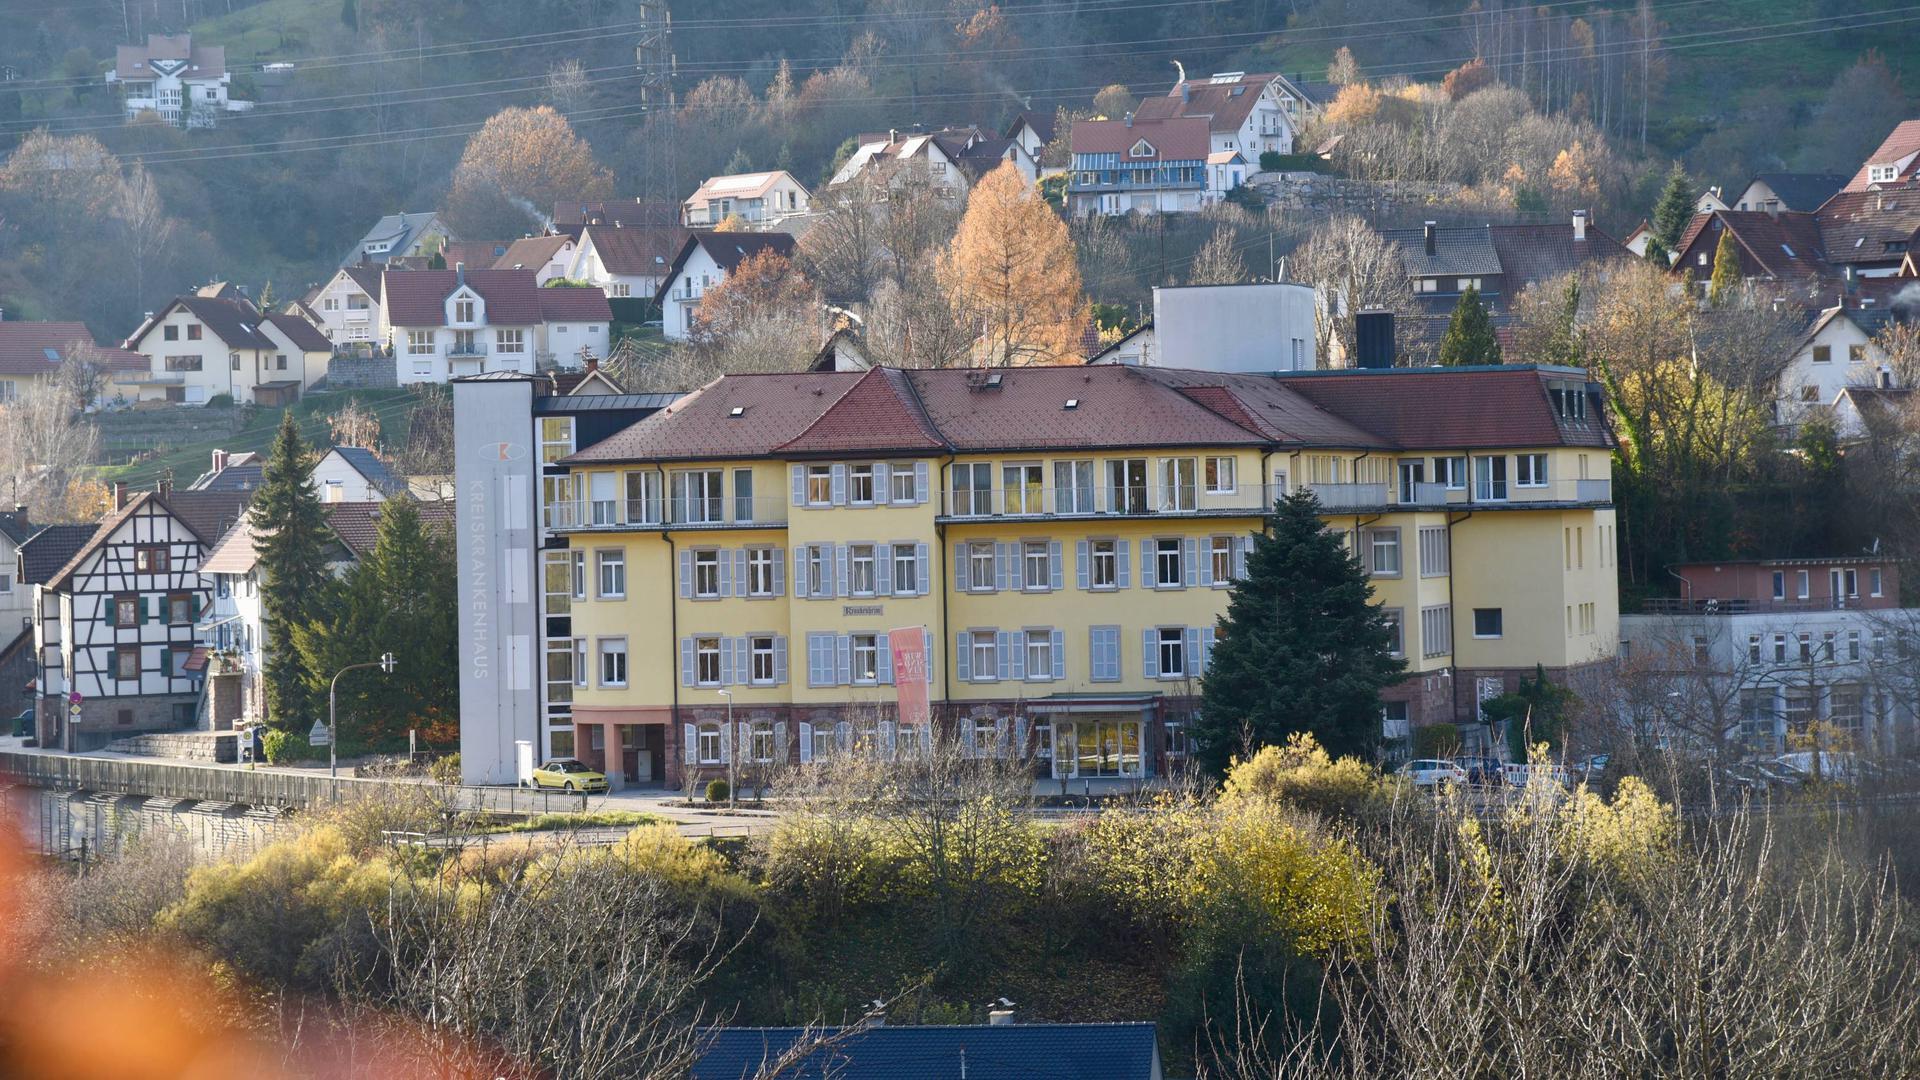 Das Krankenhaus in Forbach wird zum Pflegeheim umgestaltet. Die Sozialstation Forbach-Weisenbach beteiligt sich mit einer Tagespflege.